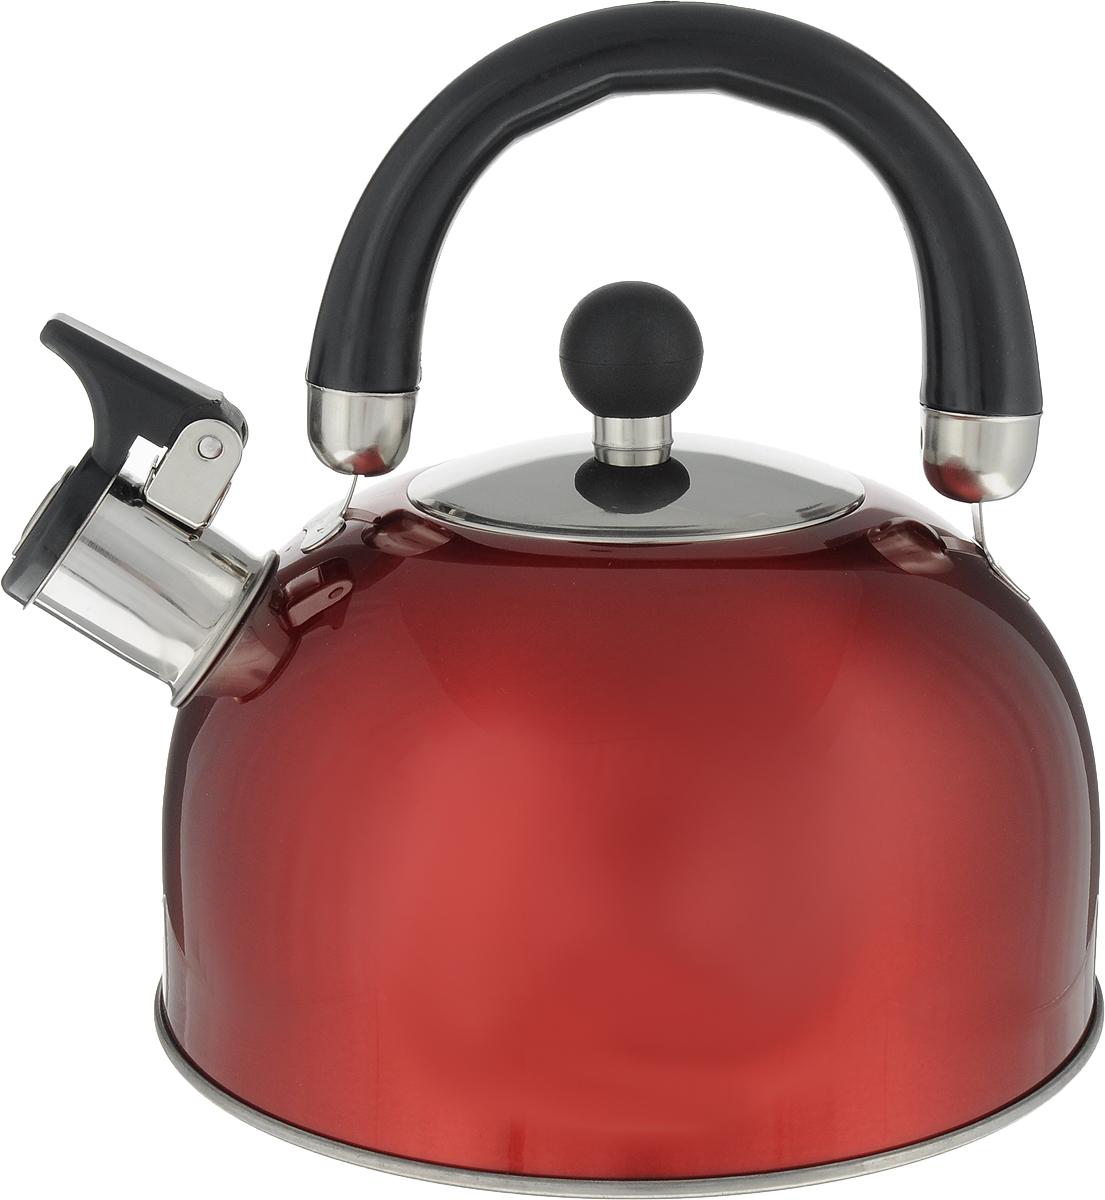 Чайник Teco, со свистком, цвет: красный, 2,8 л. TC-117TC-117Чайник Teco выполнен из высококачественной нержавеющей стали, которая не окисляется и не впитывает запахи, напитки всегда будут ароматны. Фиксированная ручка, изготовленная из металла и бакелита. Чайник снабжен открывающимся носиком, что делает использование чайника очень удобным и безопасным. Носик изготовлен со свистком, что позволит вам контролировать процесс подогрева или кипячения воды.Эстетичный и функциональный чайник будет оригинально смотреться в любом интерьере.Подходит для всех типов плит, кроме индукционных. Можно мыть в посудомоечной машине.